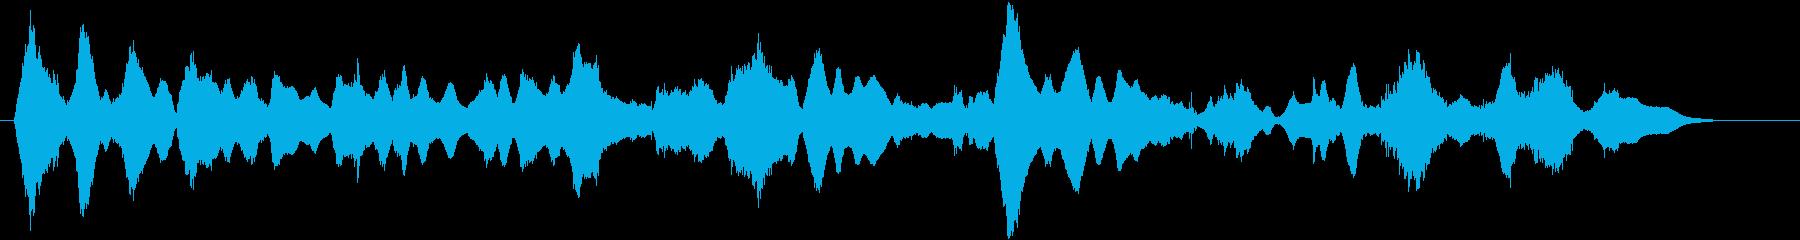 シリアス音5の再生済みの波形